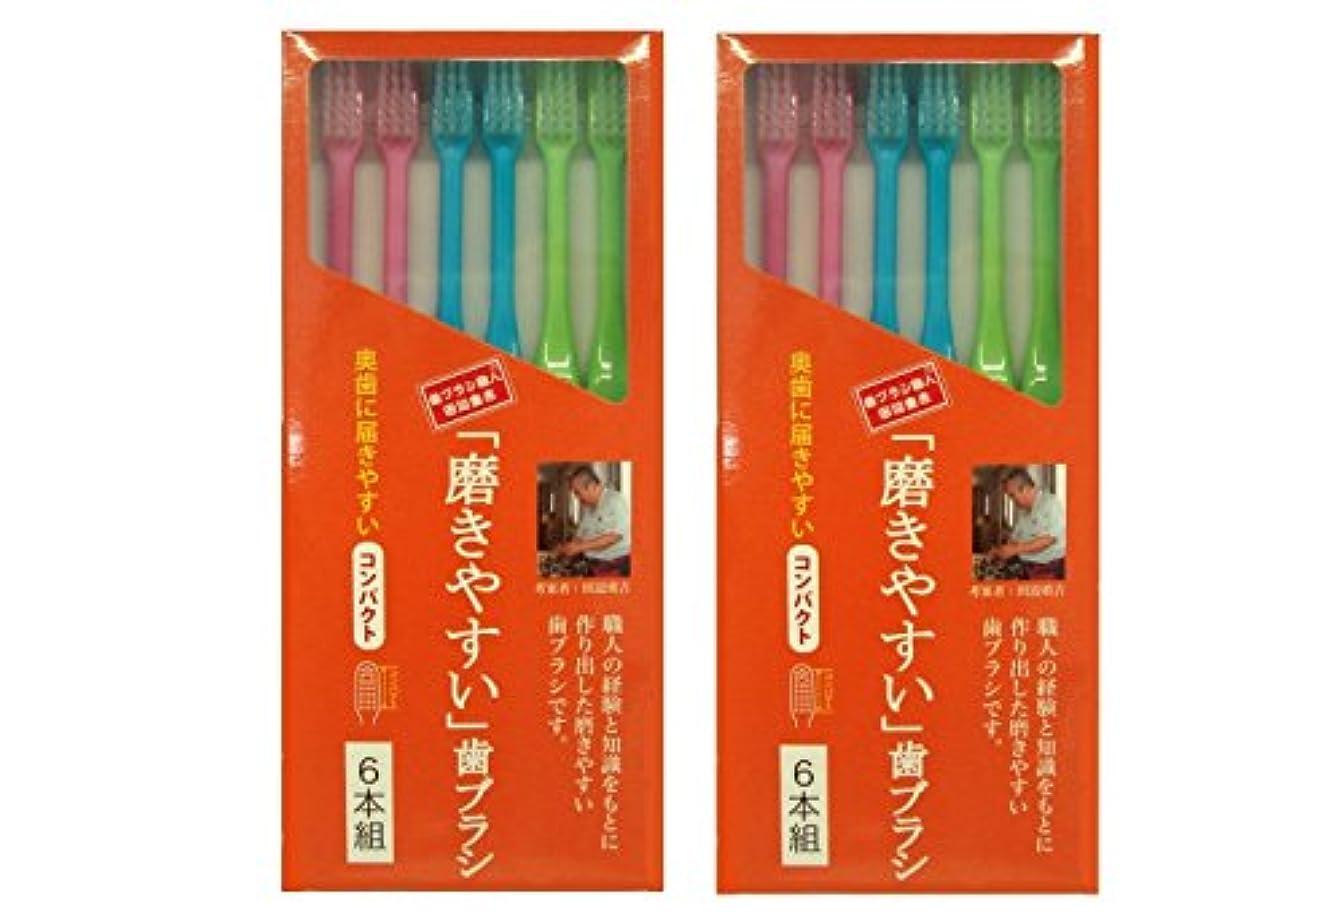 難しいオーブン猛烈な磨きやすい歯ブラシ 6本組 コンパクトタイプ×2個セット